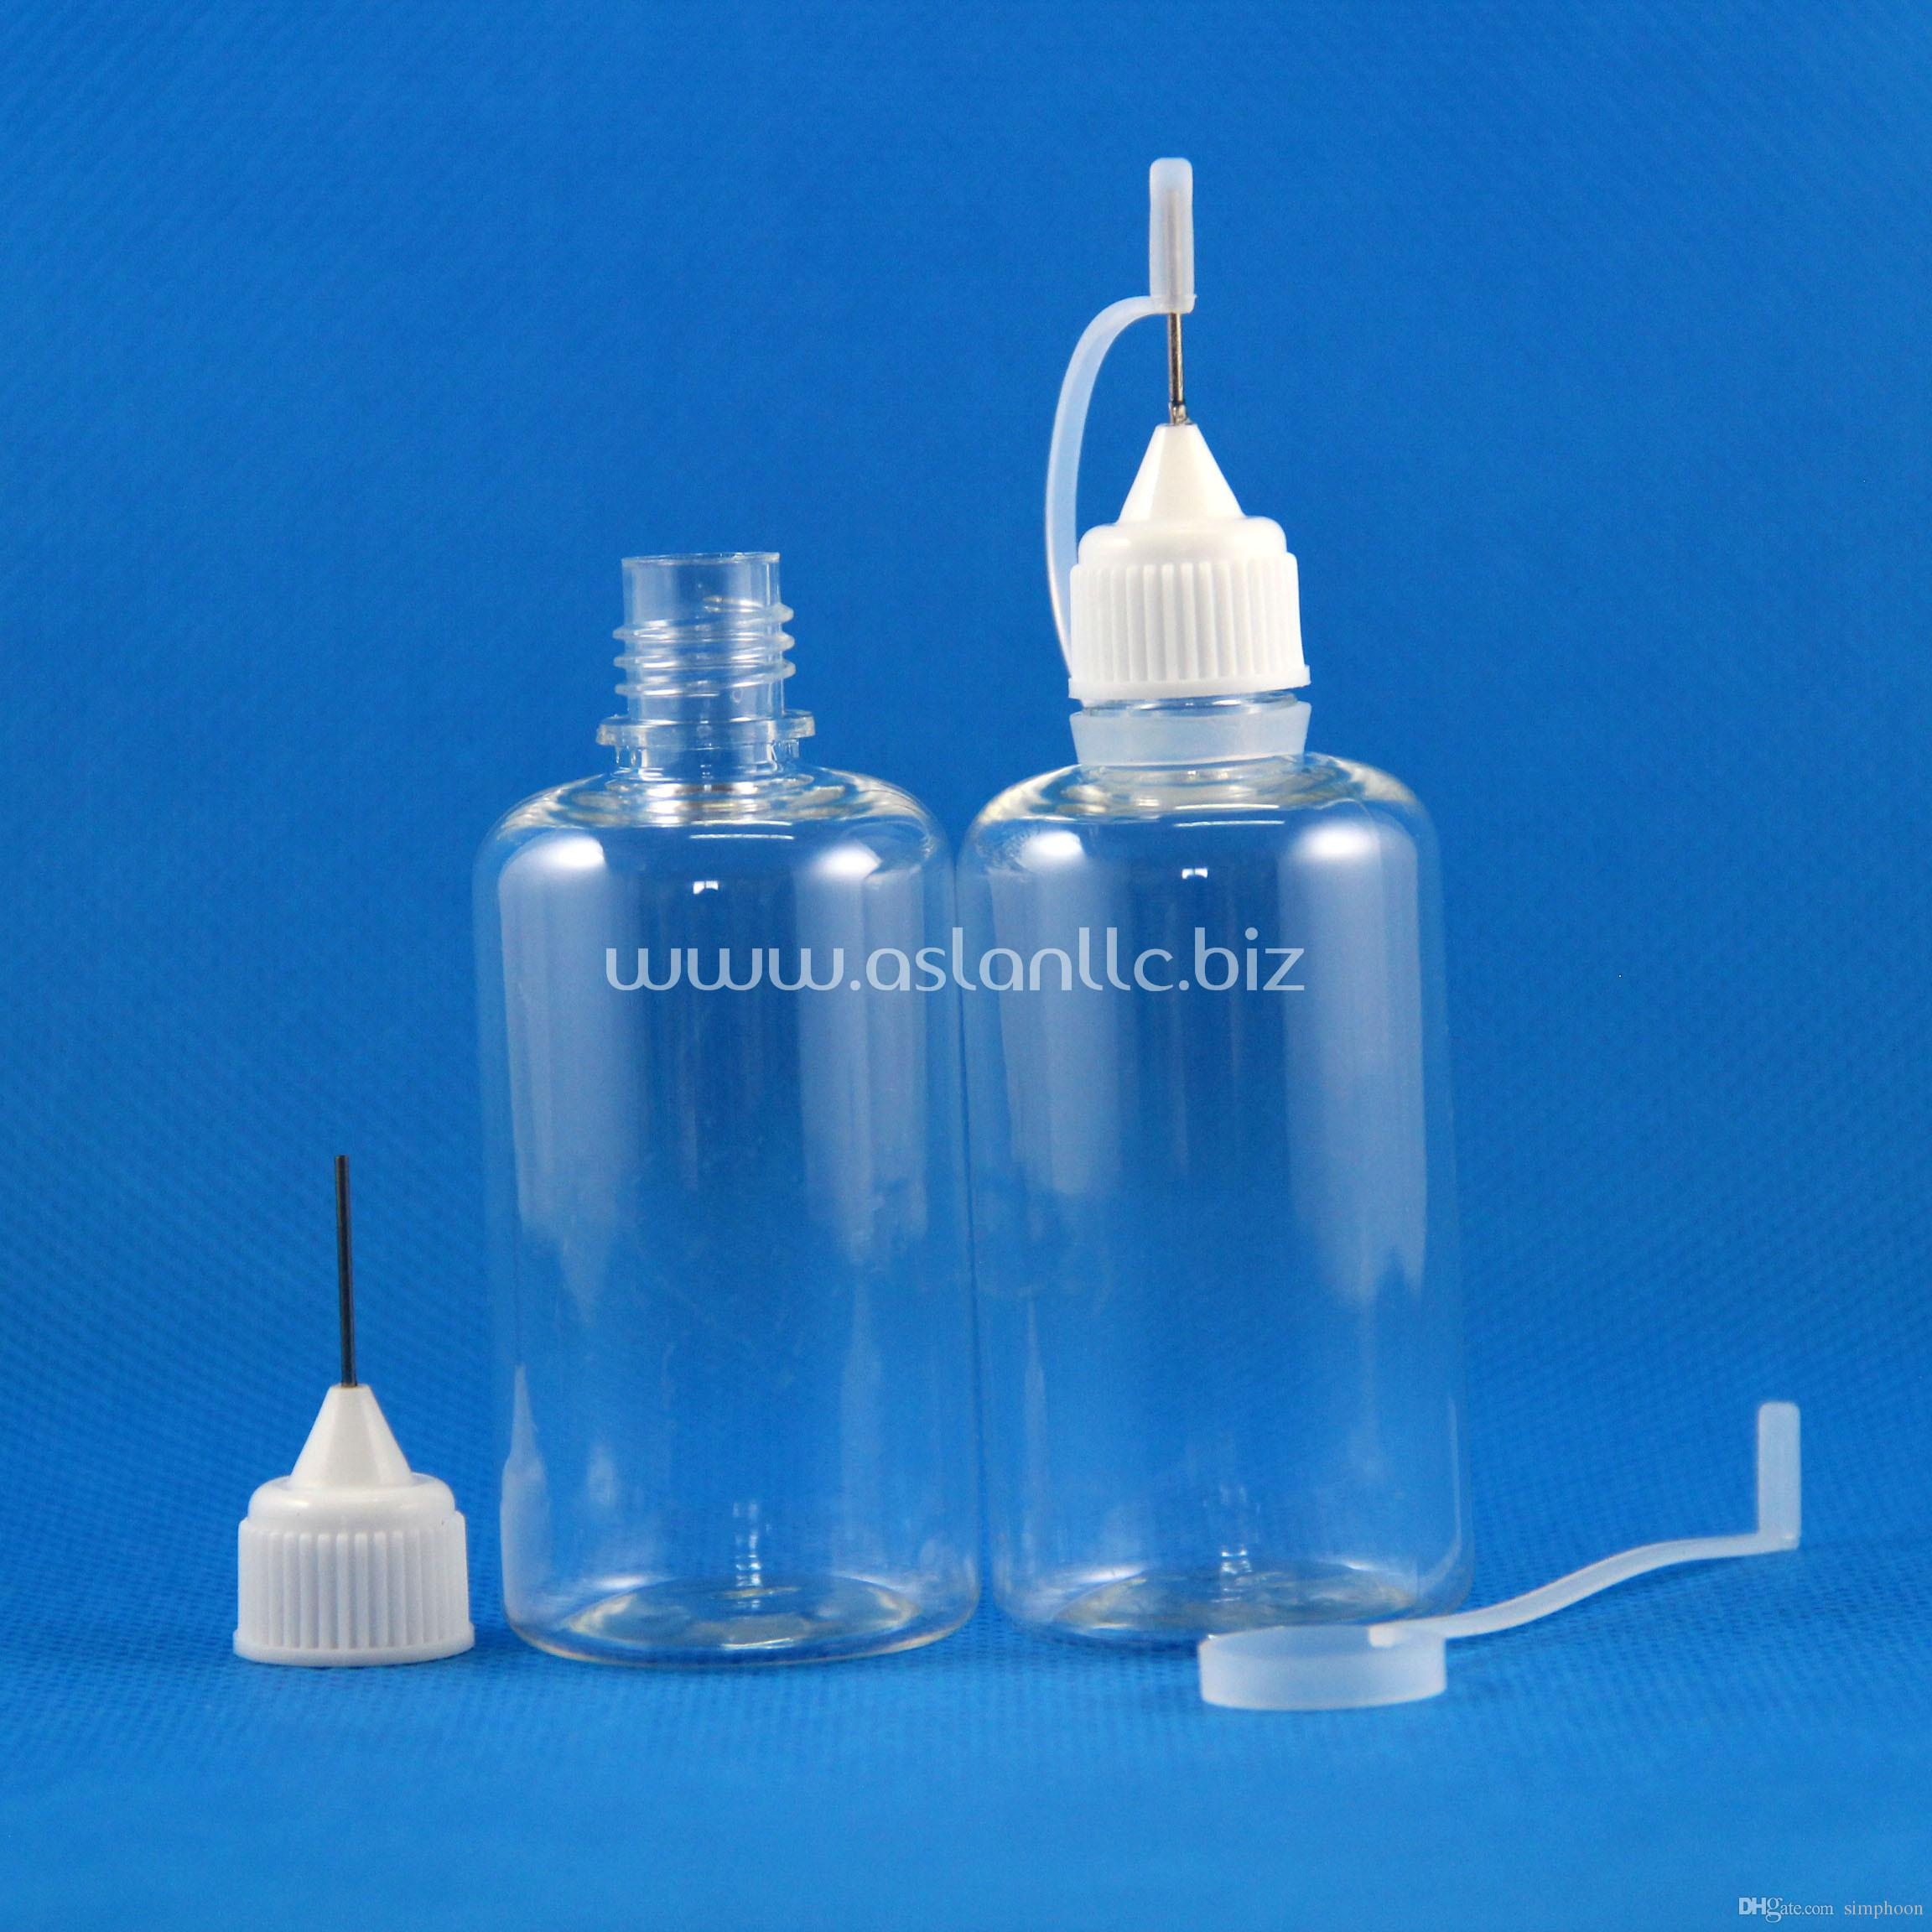 100 Sets/Lot 50ml PET Clear Plastic Dropper Bottles Metal Needle Caps  Rubber Safe Tips Liquids E Vapor Vape Juice Oil 50 mL